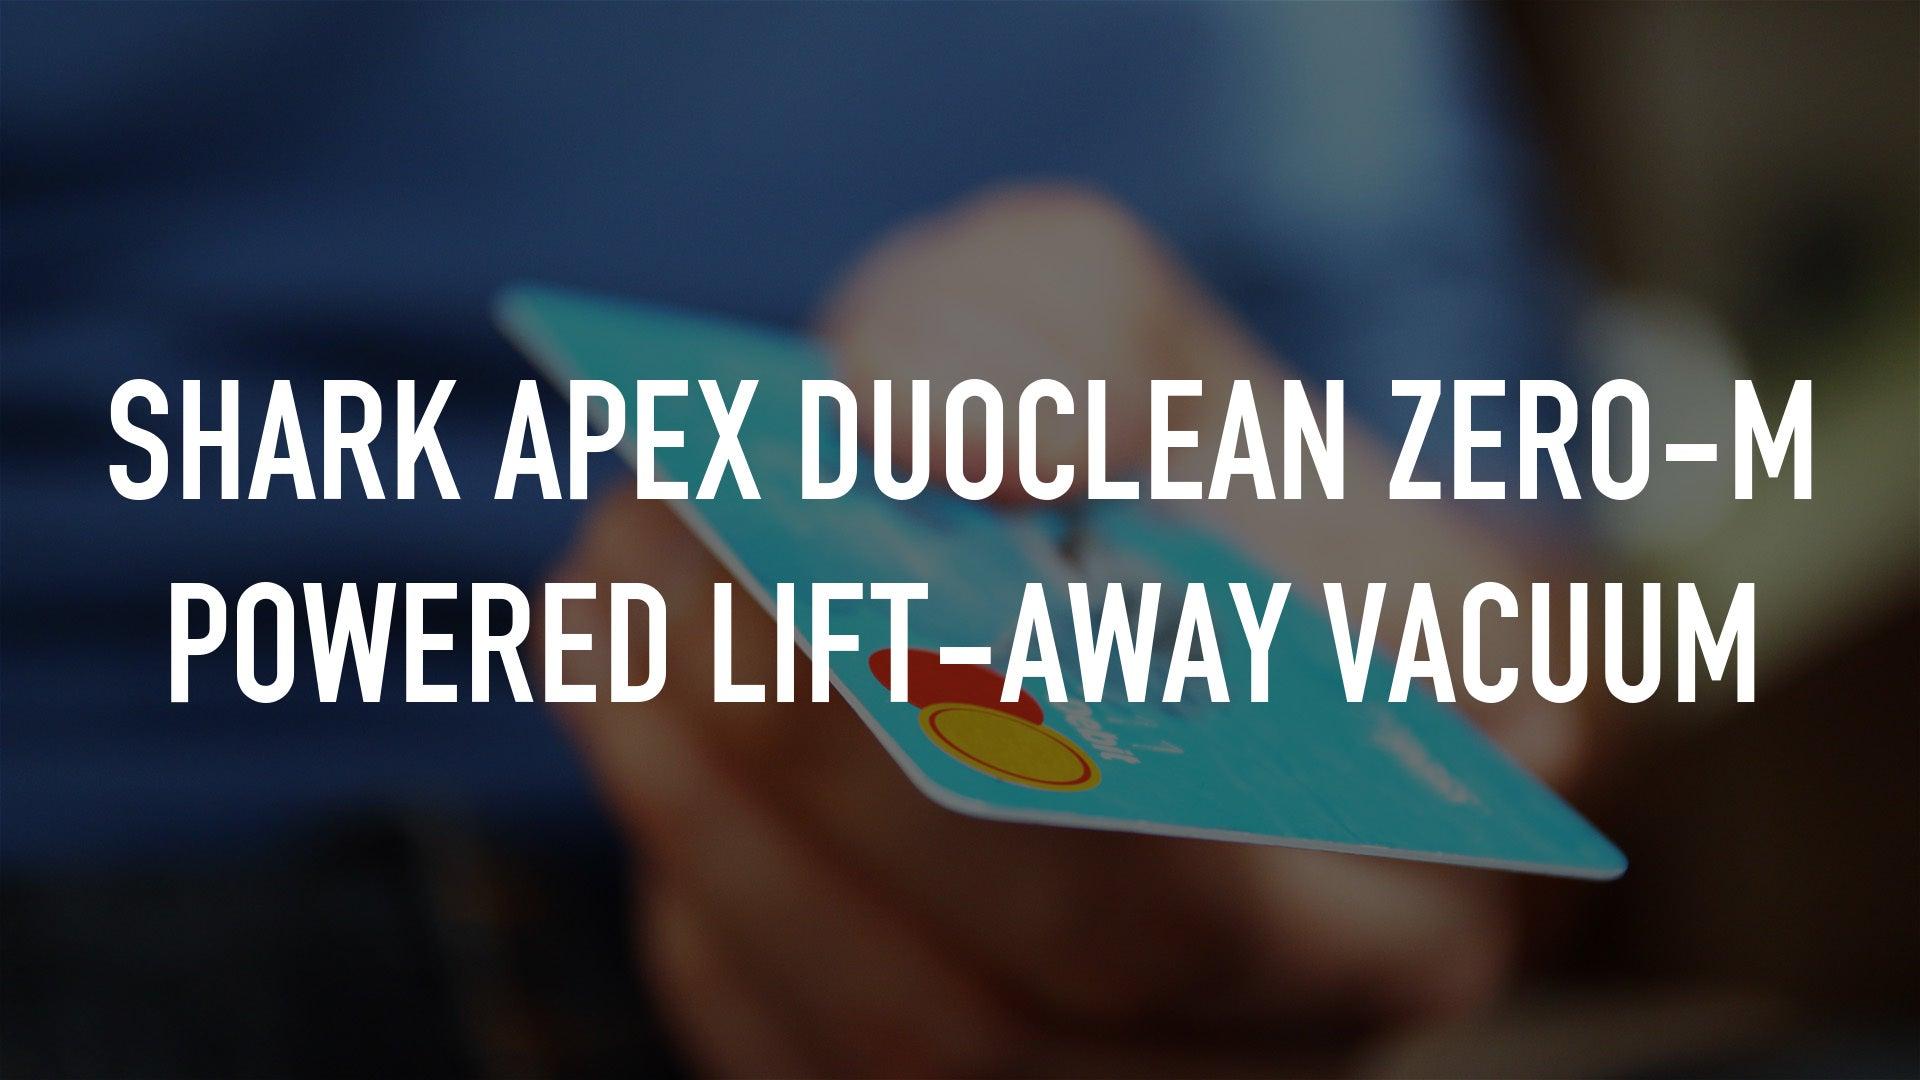 Shark APEX DuoClean Zero-M Powered Lift-Away Vacuum